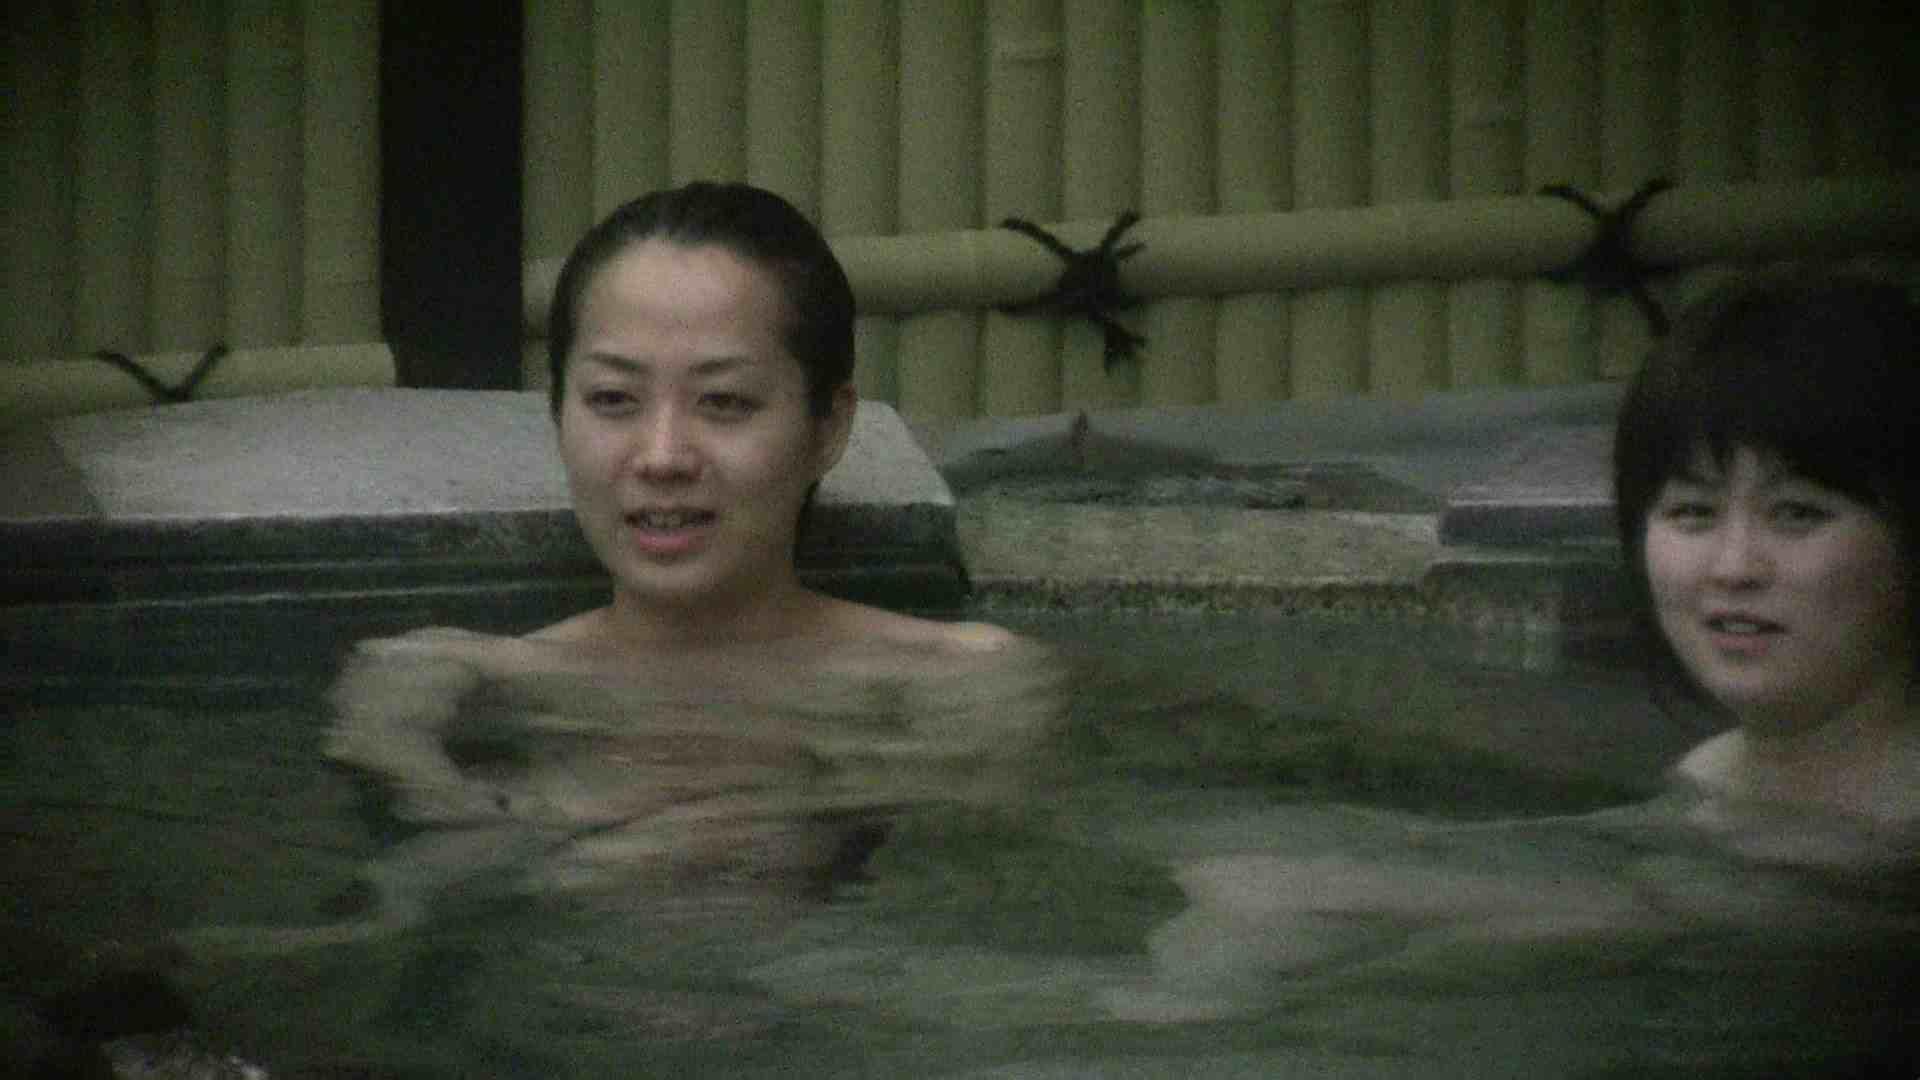 Aquaな露天風呂Vol.539 女体盗撮 隠し撮りおまんこ動画流出 88連発 32